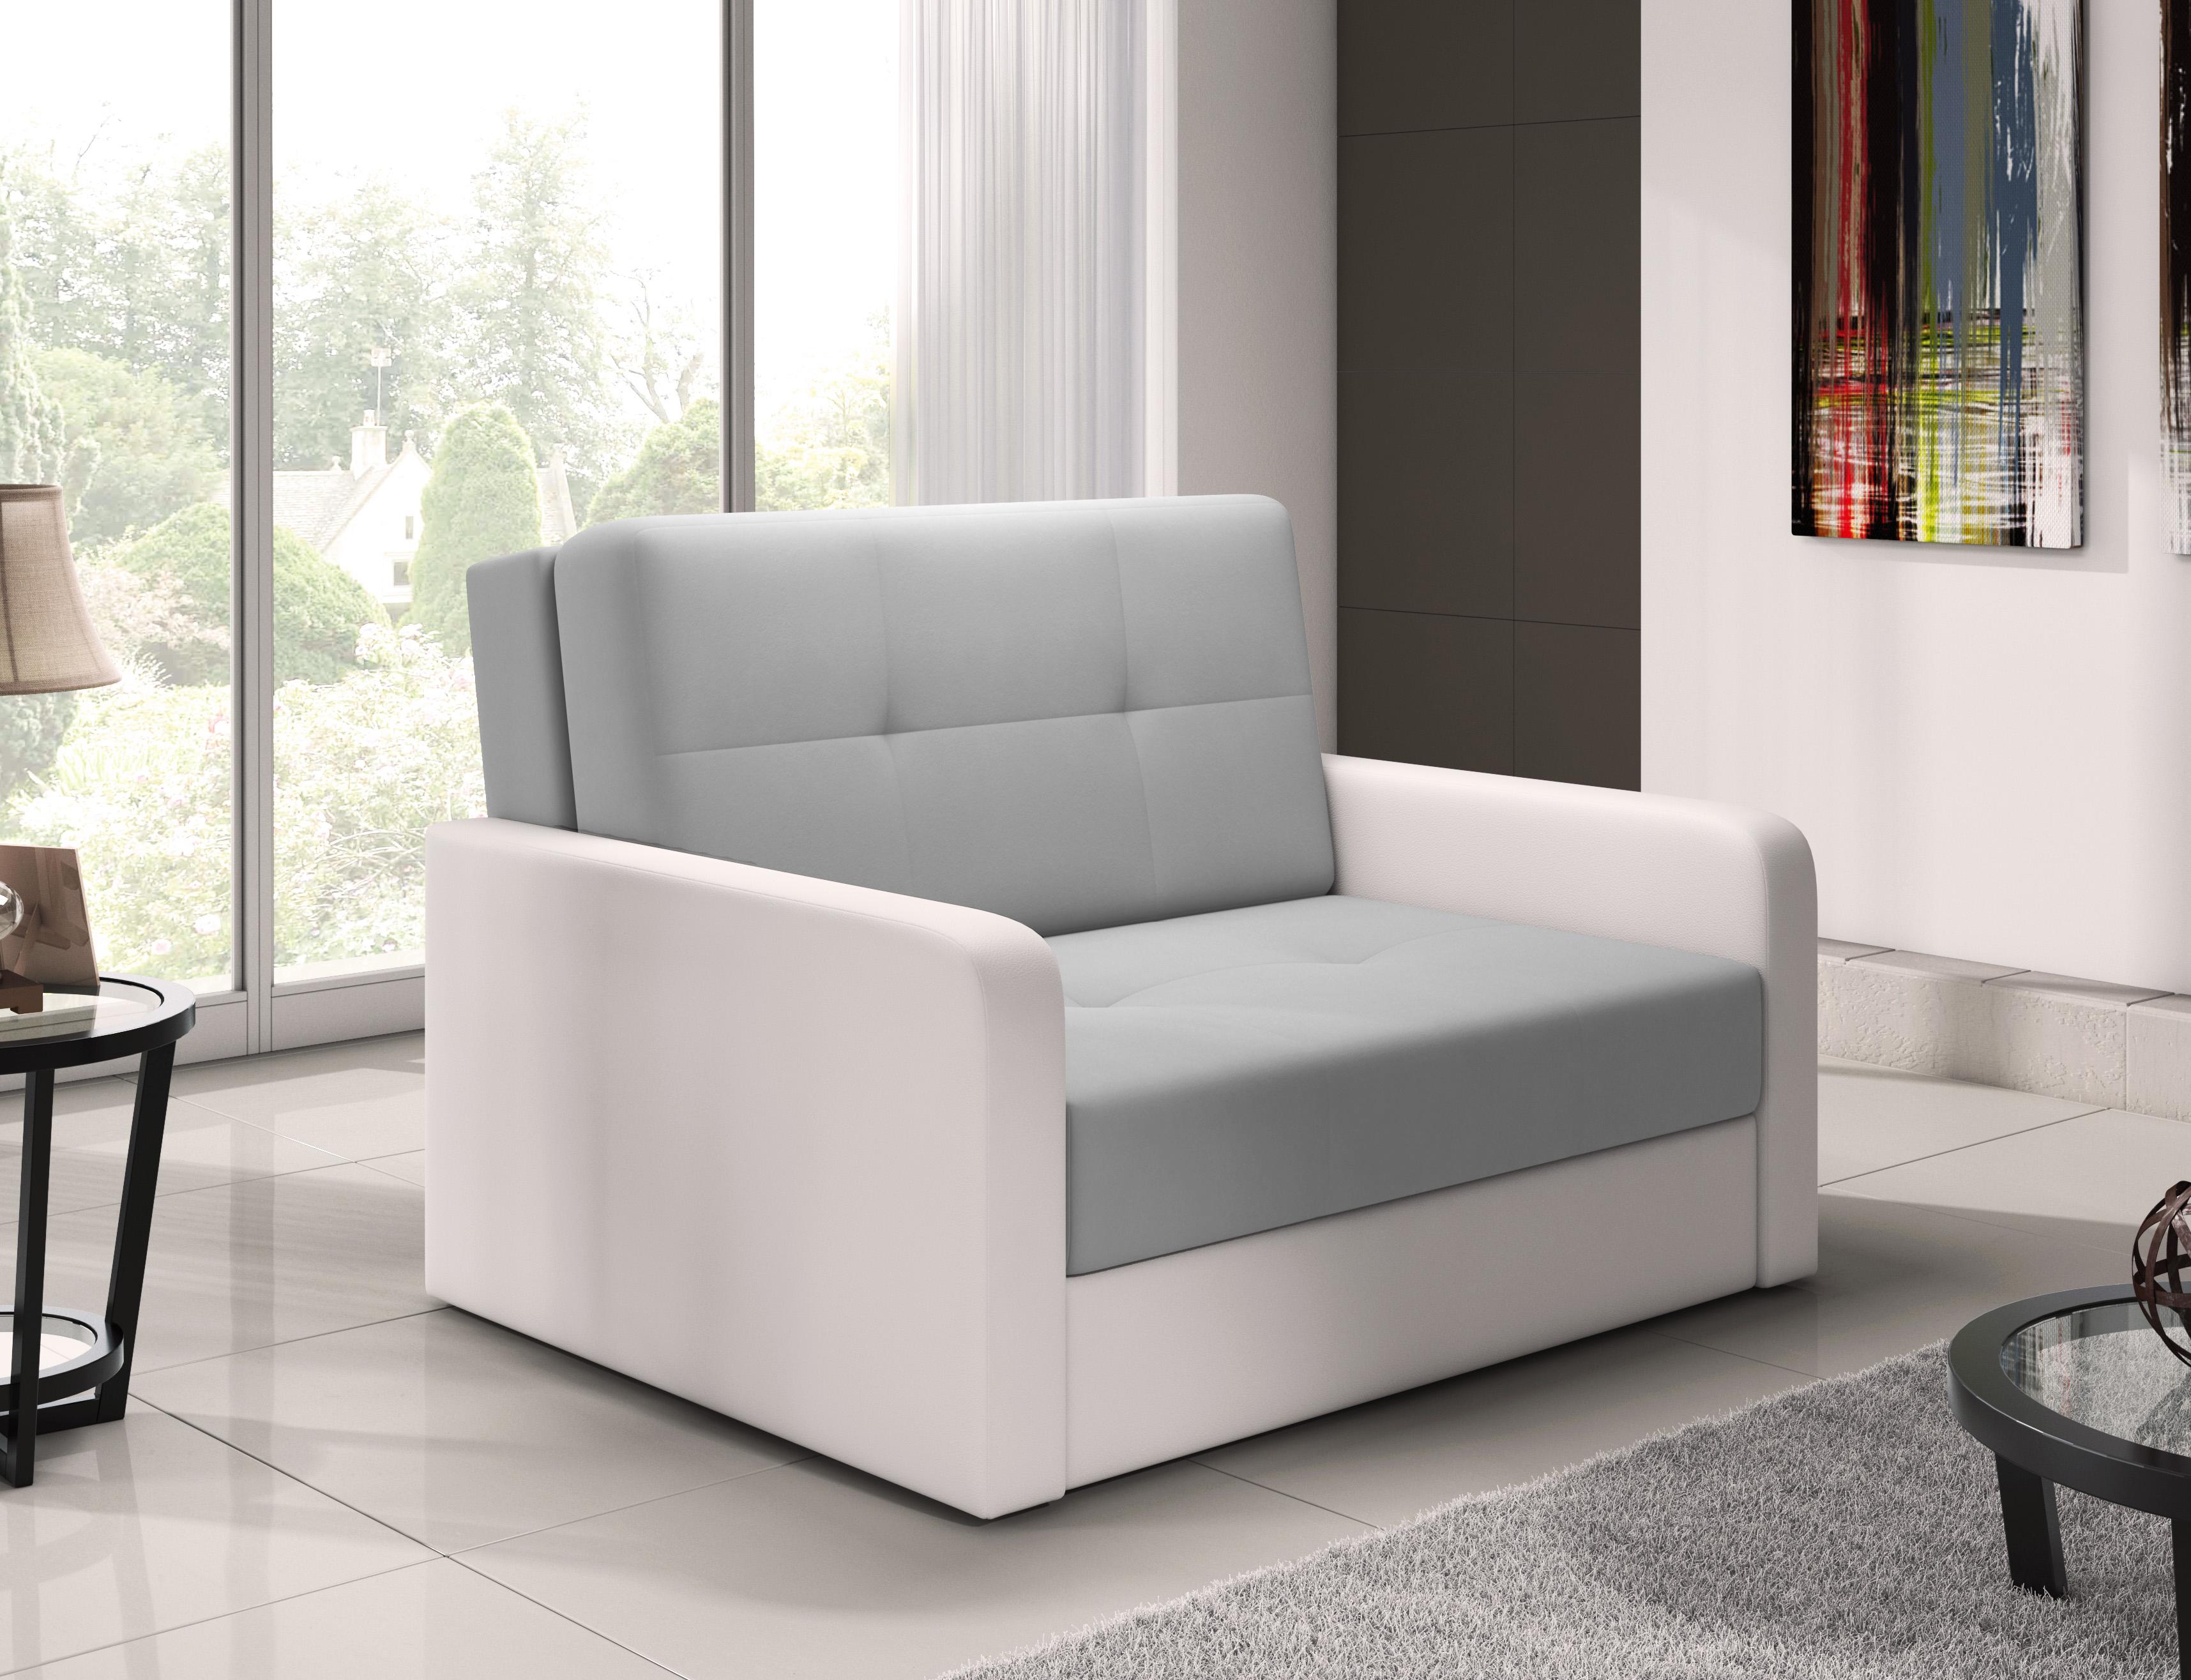 modernes kleines sofa mit schlaffunktion schlafsessel bettsessel grau wei erik2 ebay. Black Bedroom Furniture Sets. Home Design Ideas